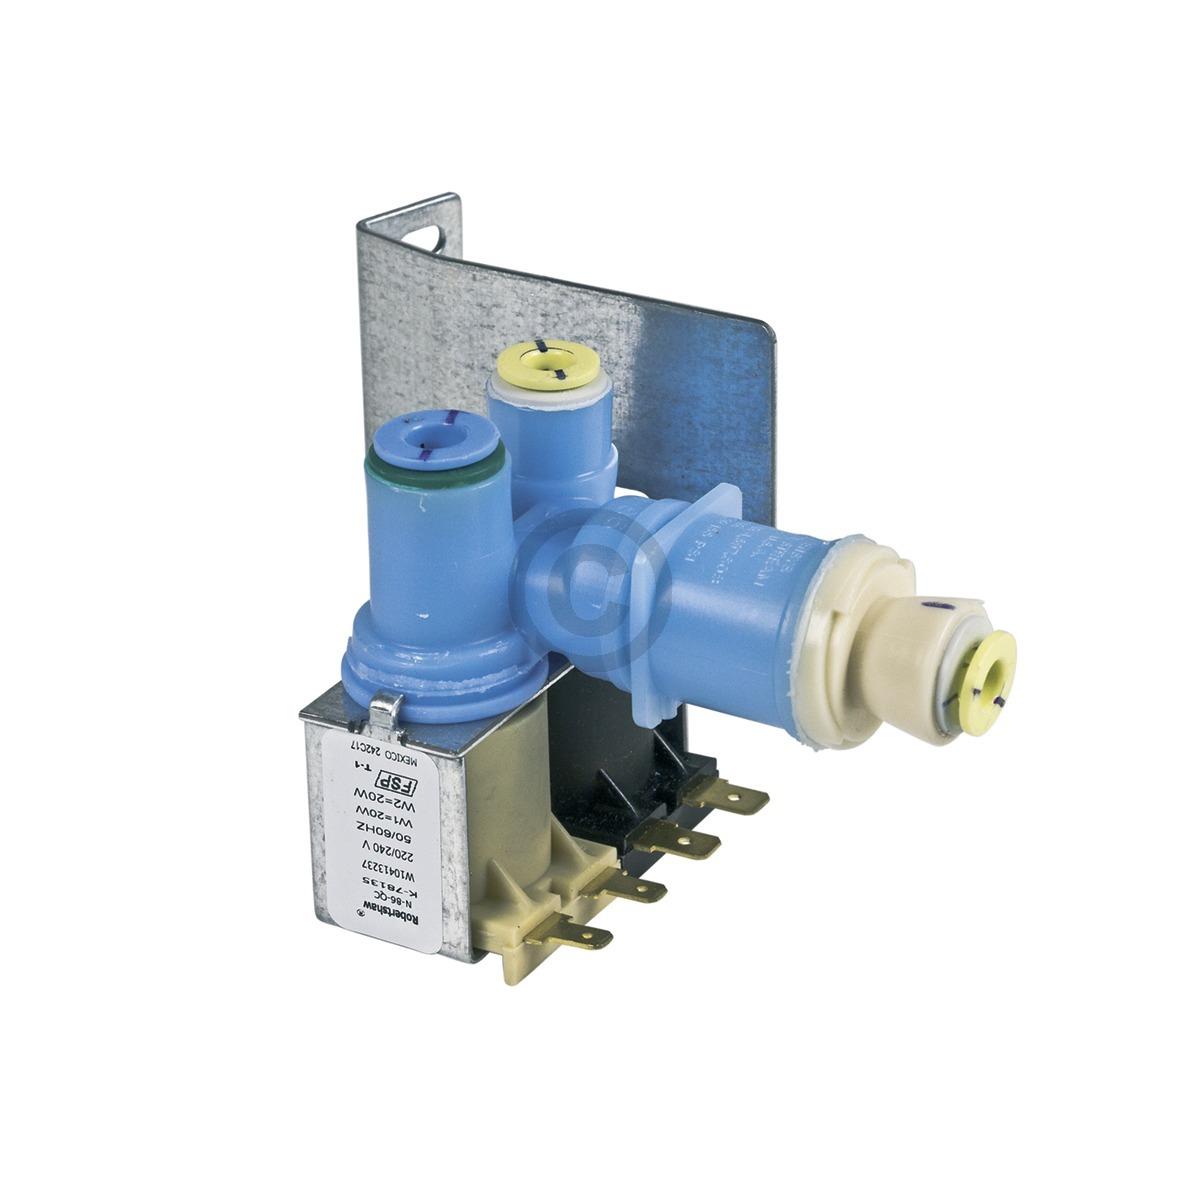 Wasserventil Whirlpool 481010413237 Original für Kühlschrank Side-by-Side